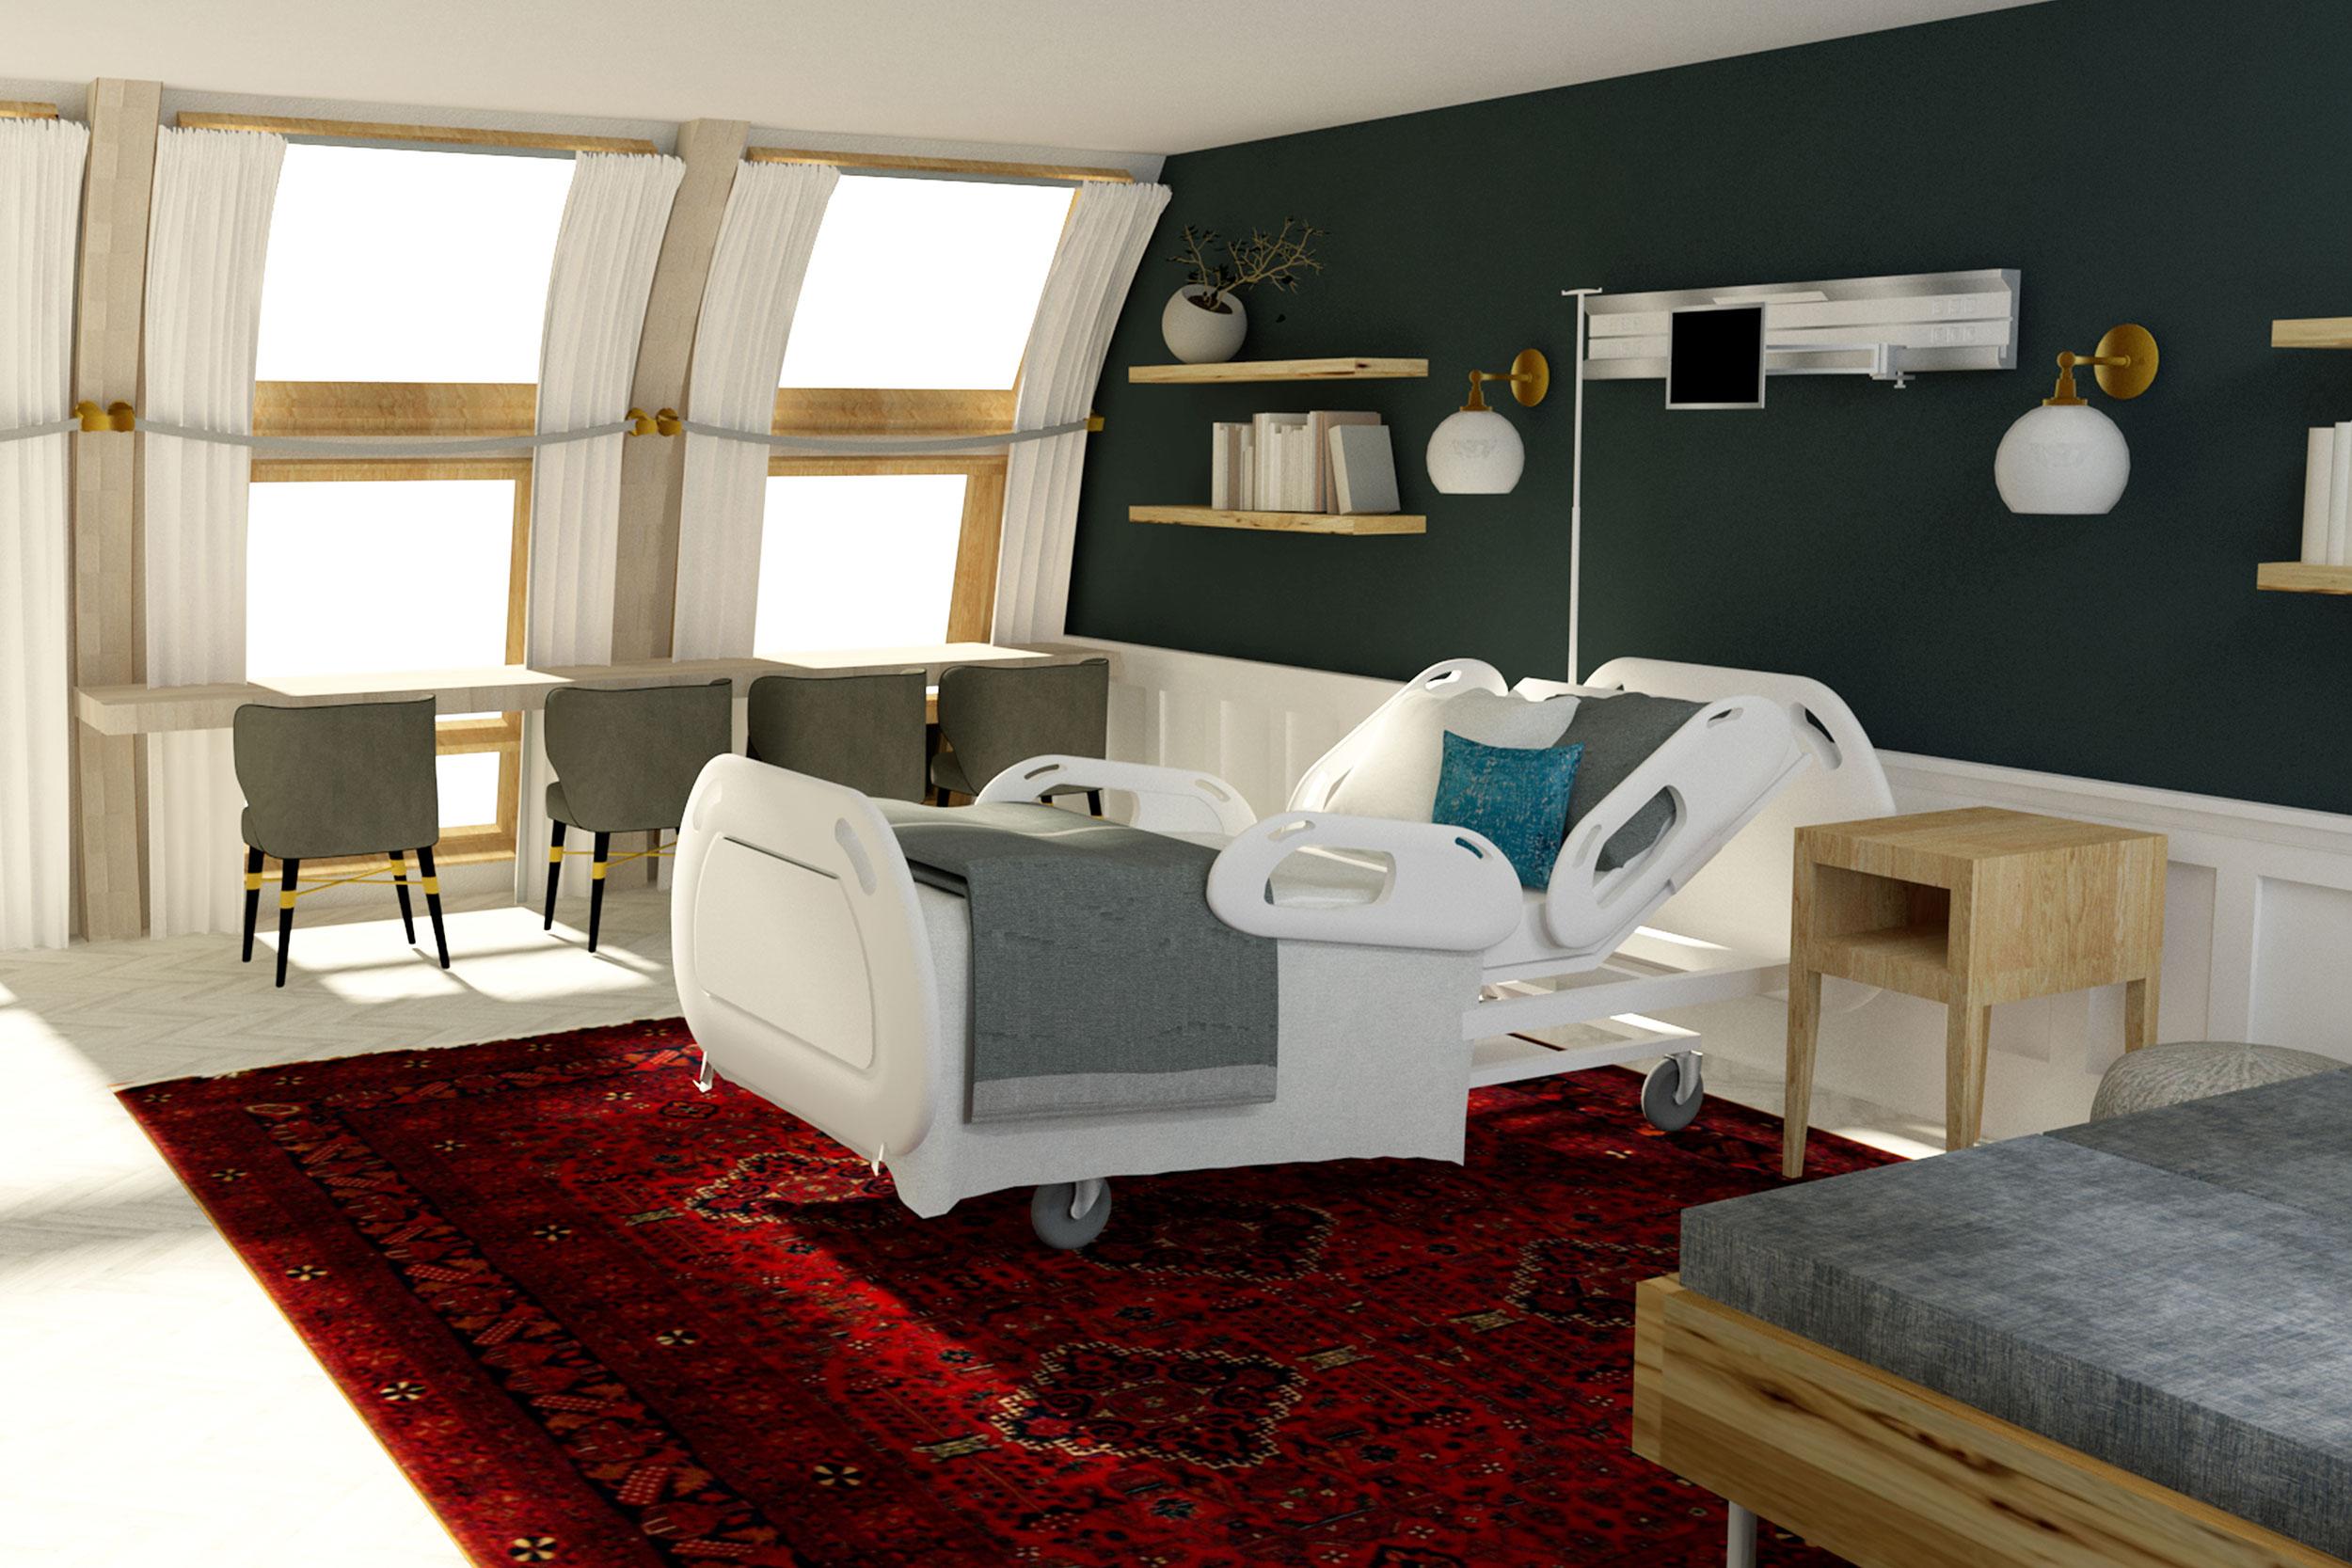 ICC-industrial-design-interior-space.jpg